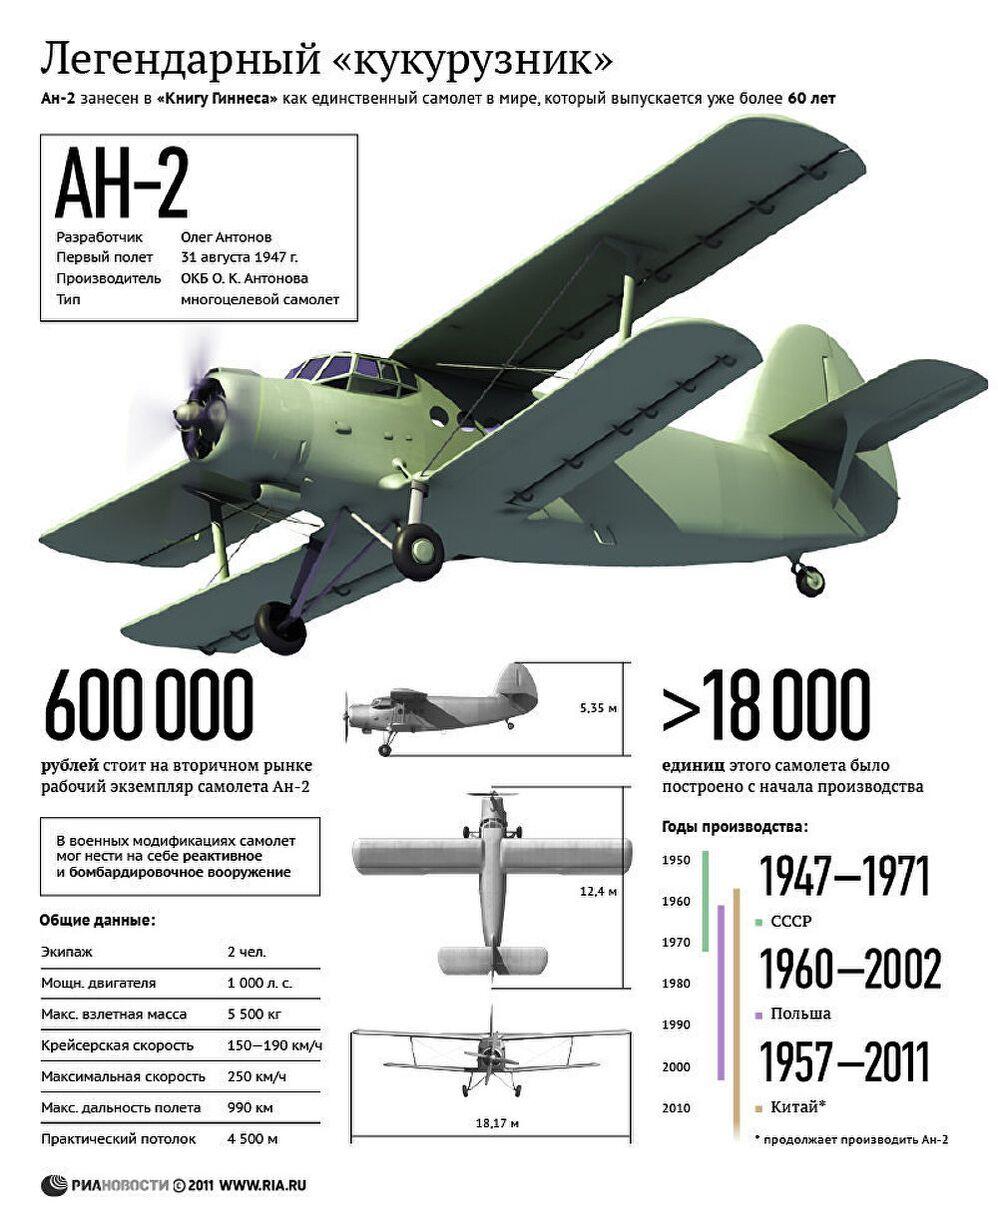 Ан-2 - легендарный кукурузник